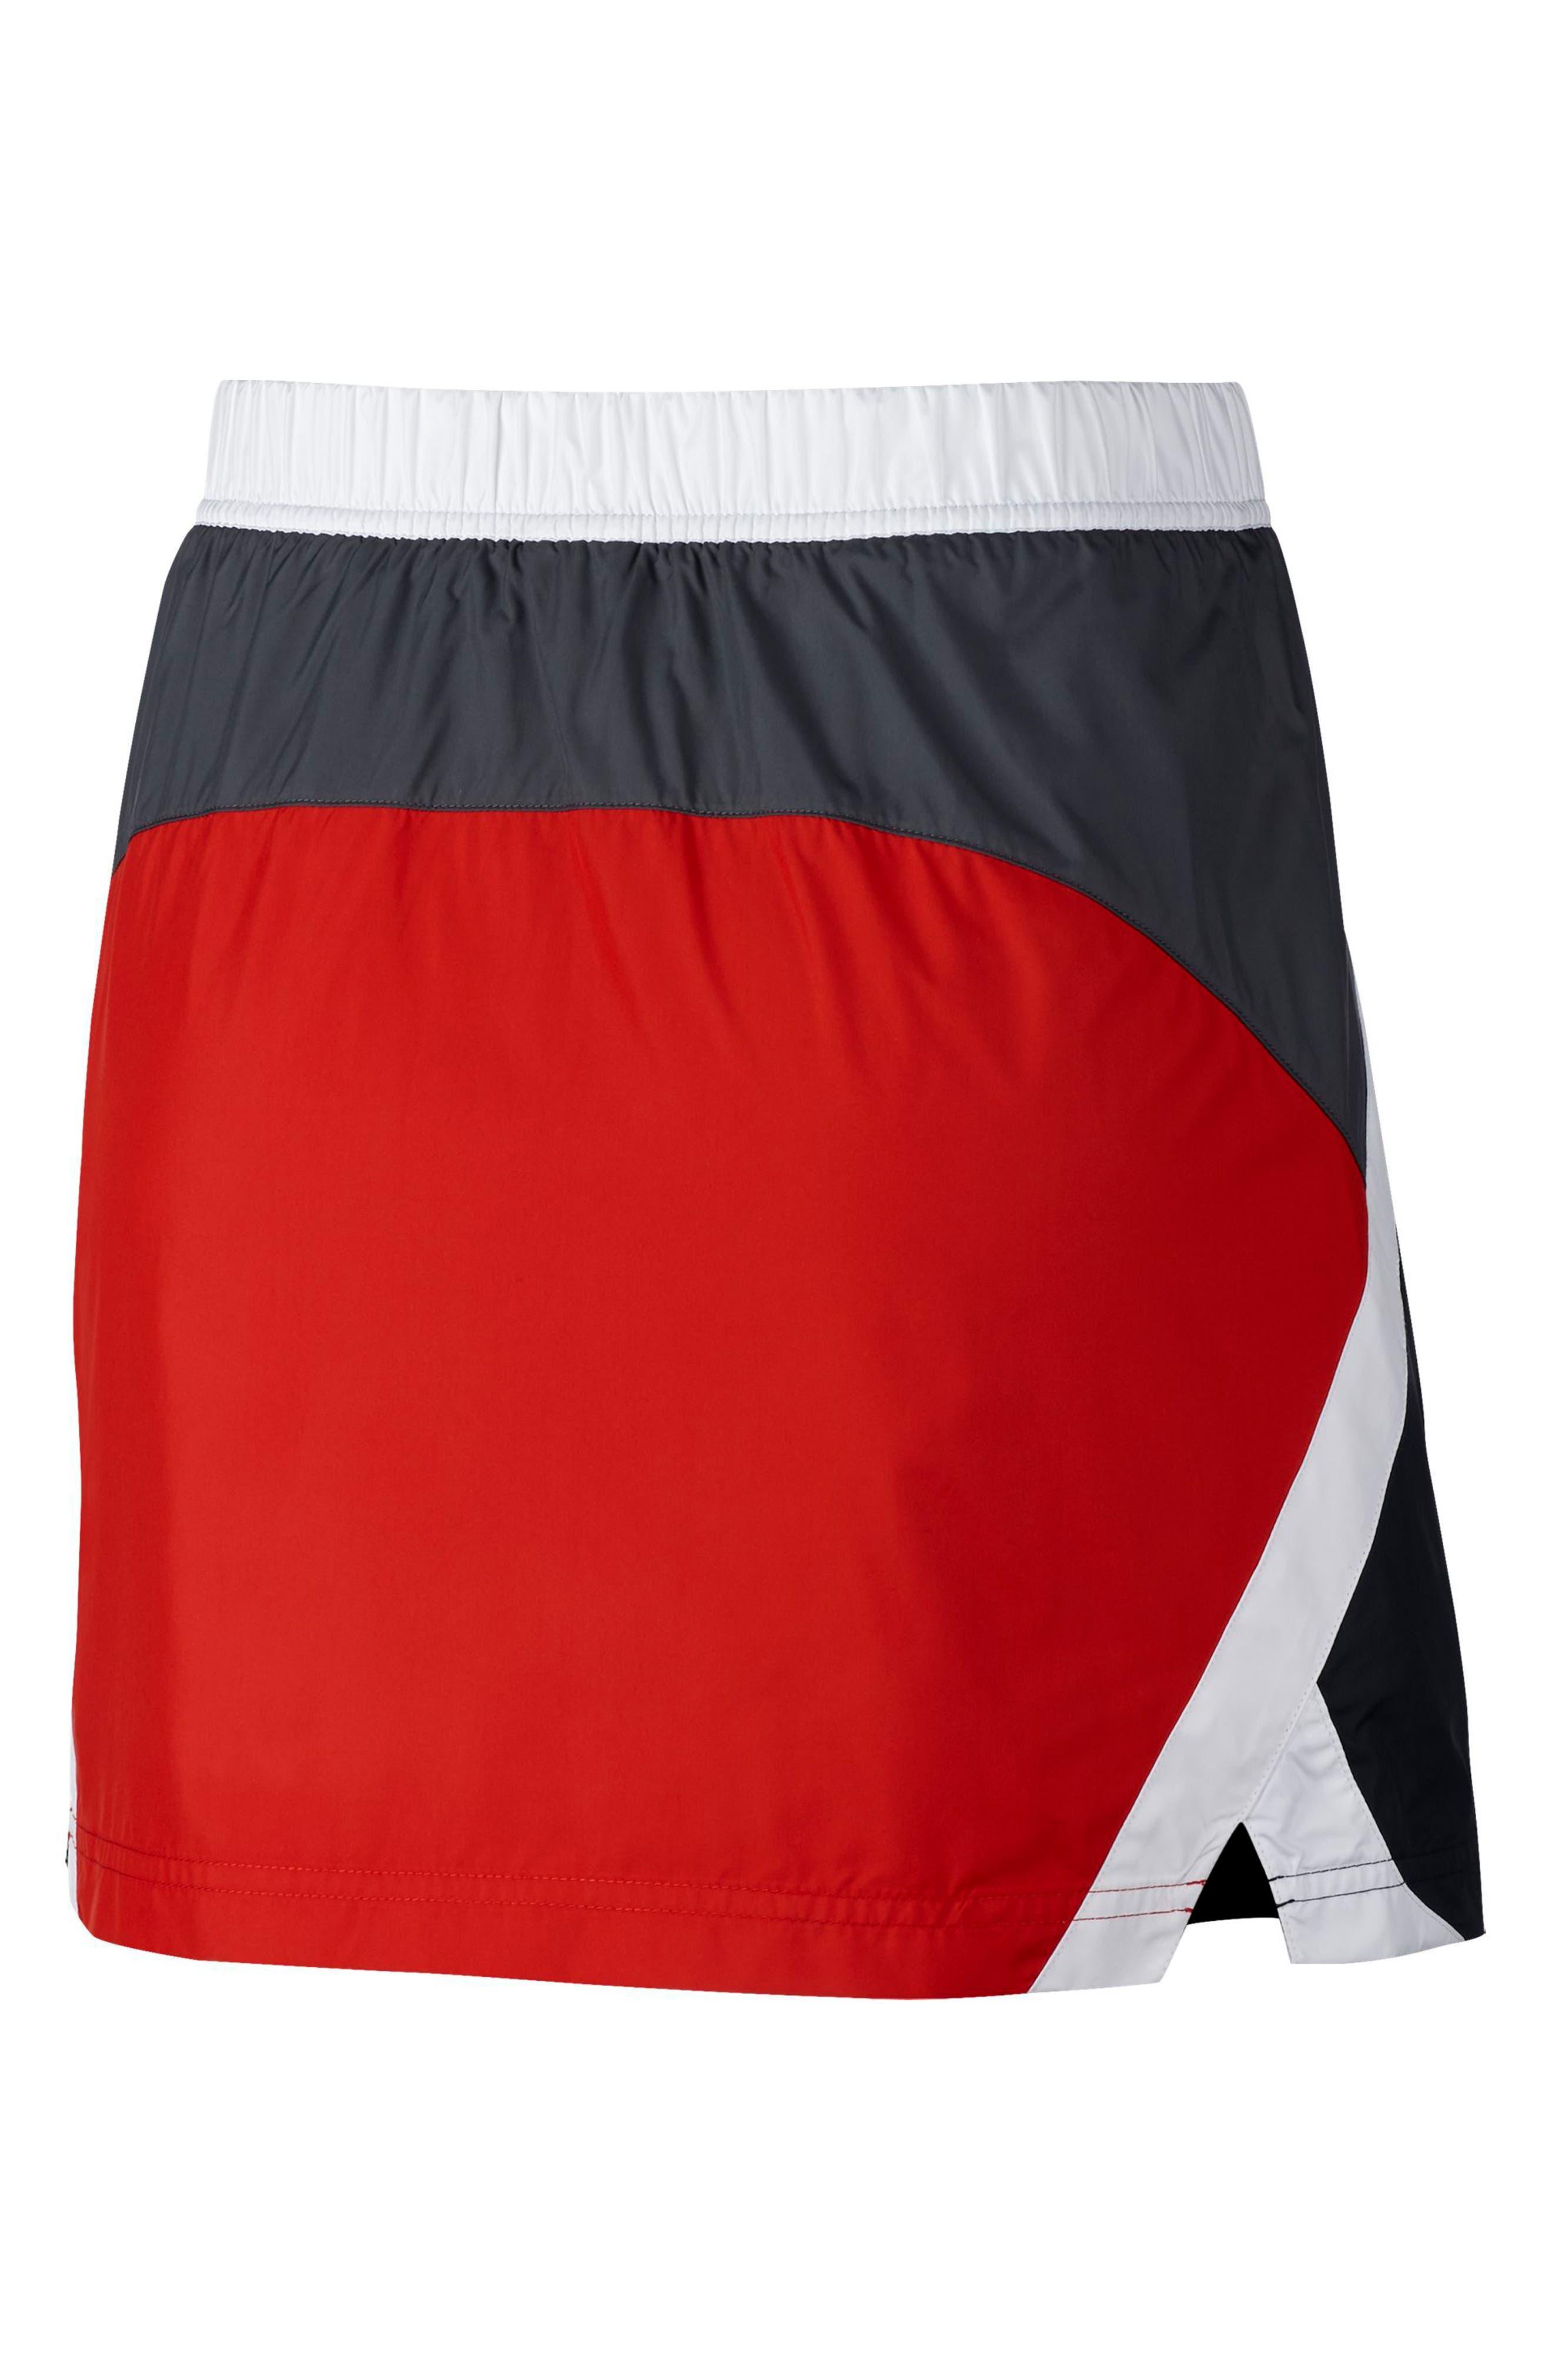 Sportswear Woven Moto Skirt,                             Alternate thumbnail 2, color,                             001